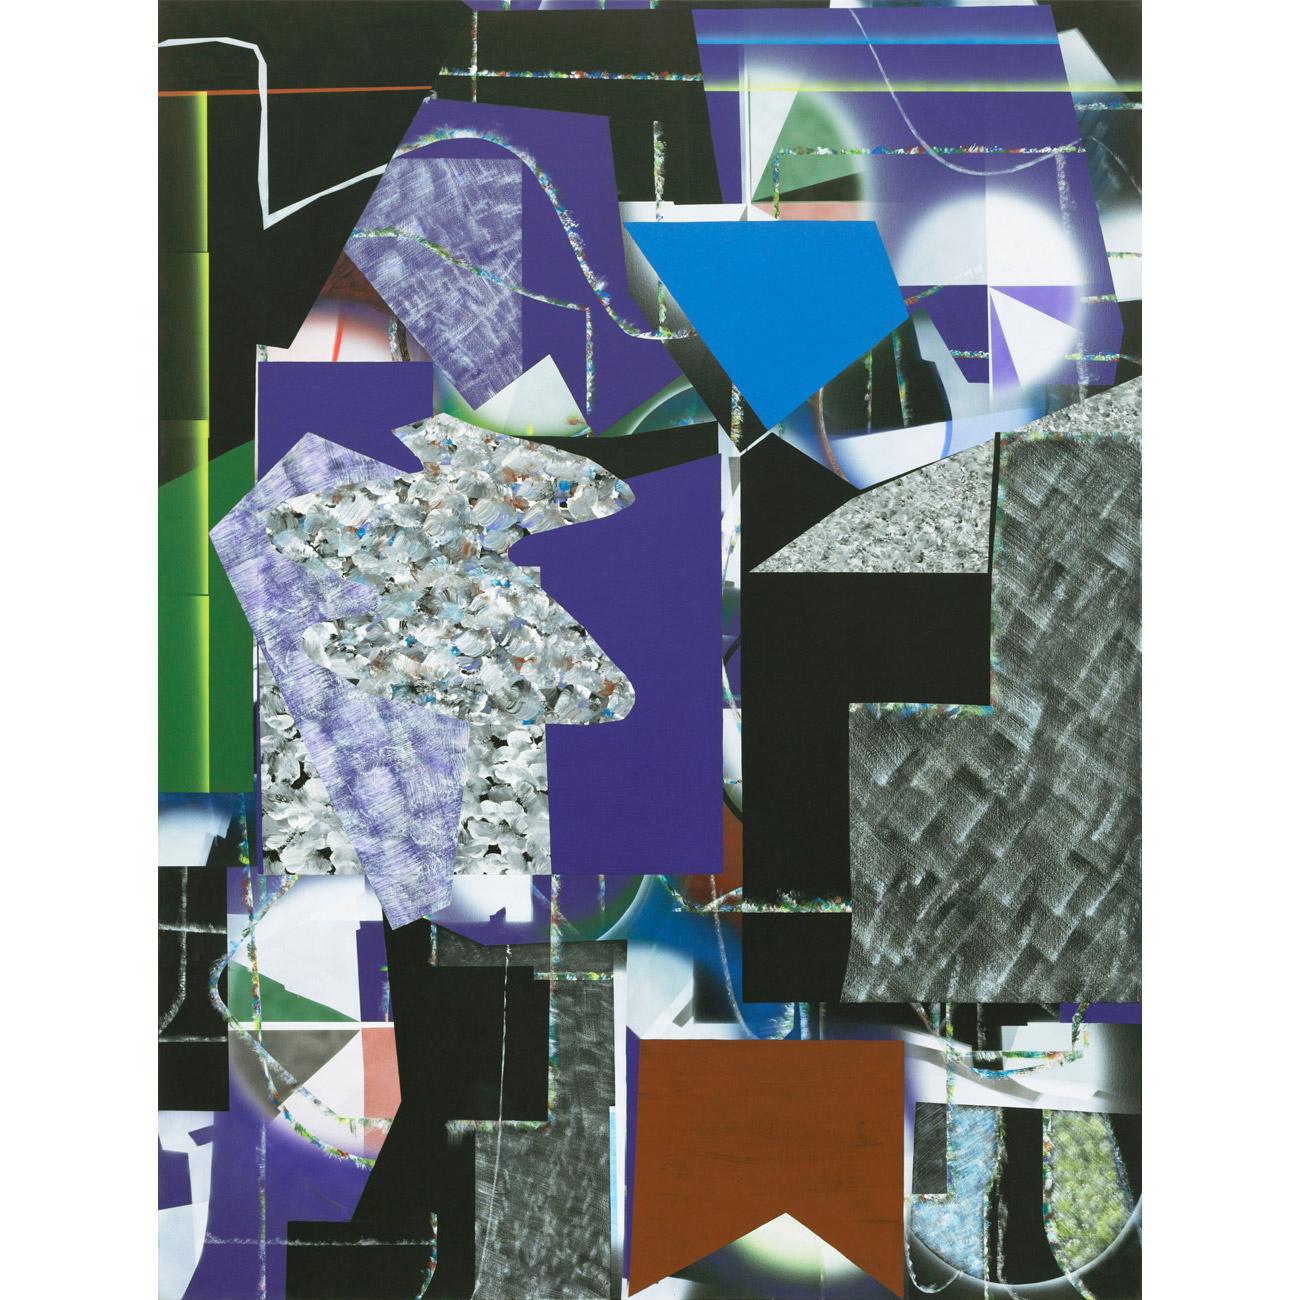 Orientierung (Streckung und Drehung) . 2012/13 . 200 x 150 cm . Acryl auf Baumwolle